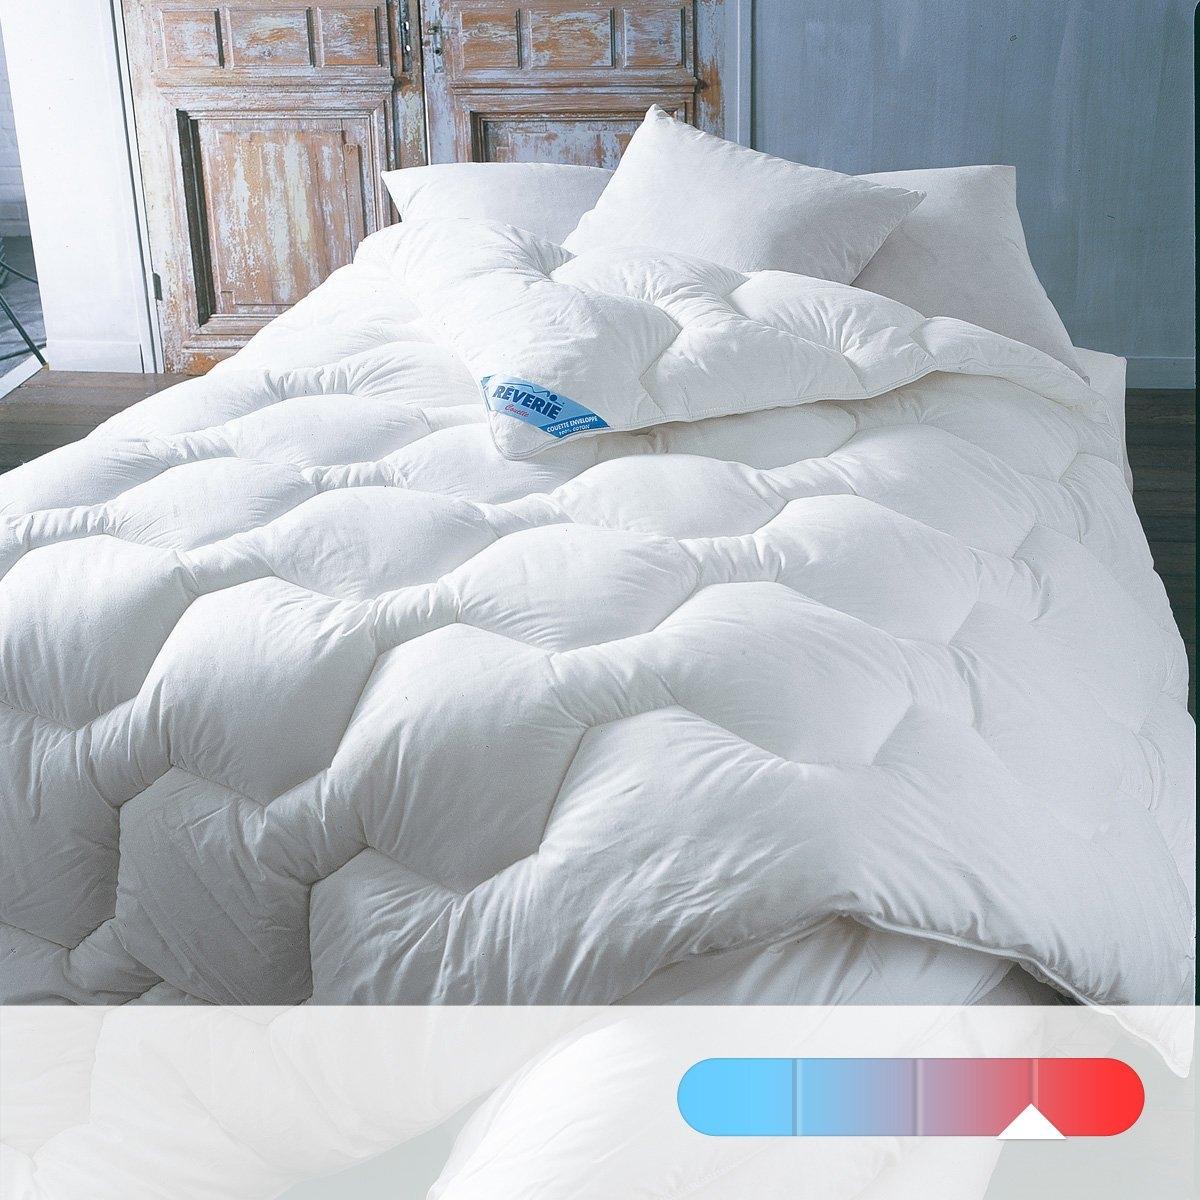 Одеяло синтетическое высокого качества одеяло luolailin 100